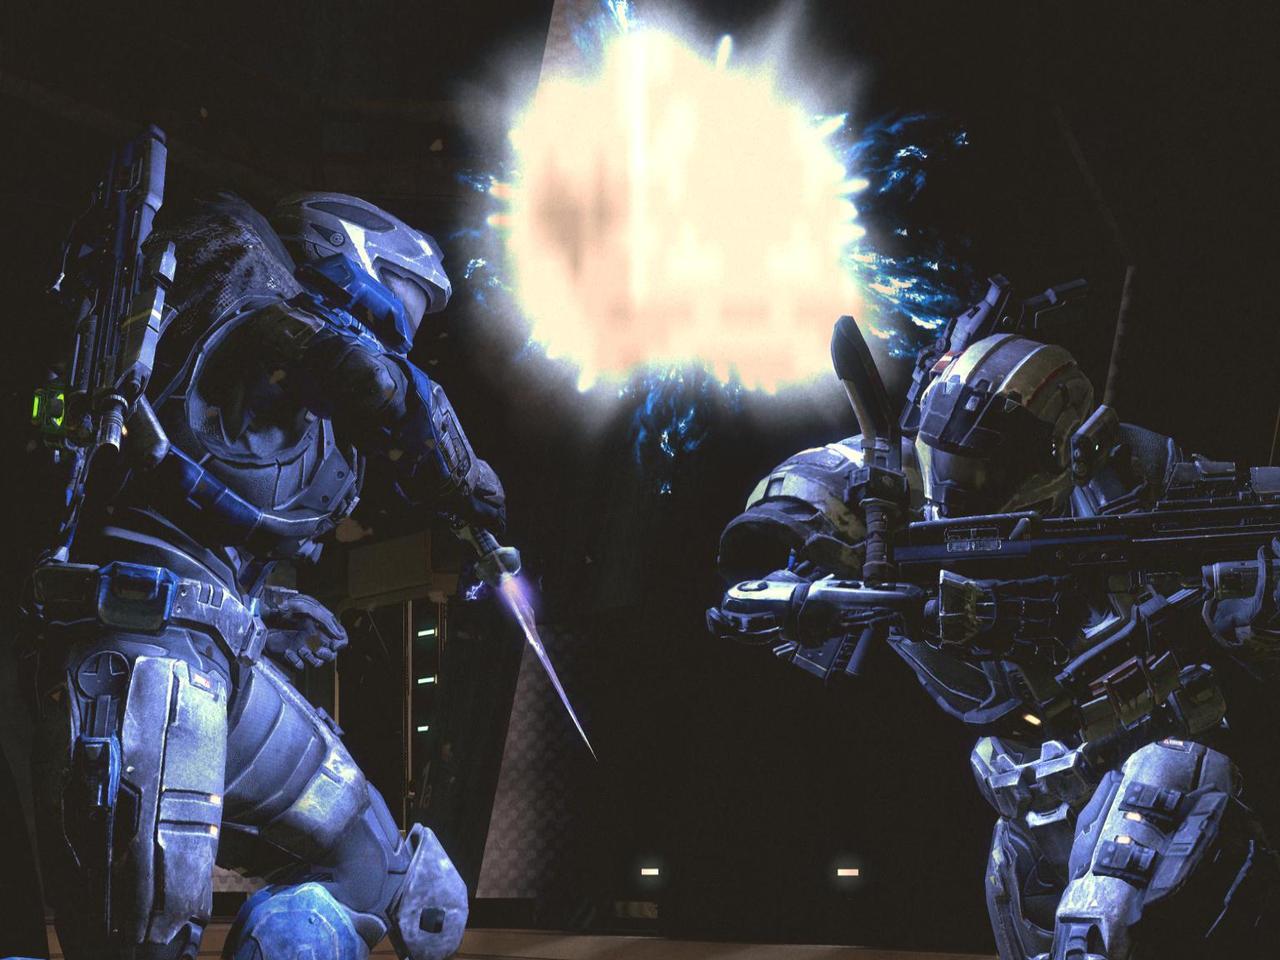 Halo Reach: Last Battle by purpledragon104